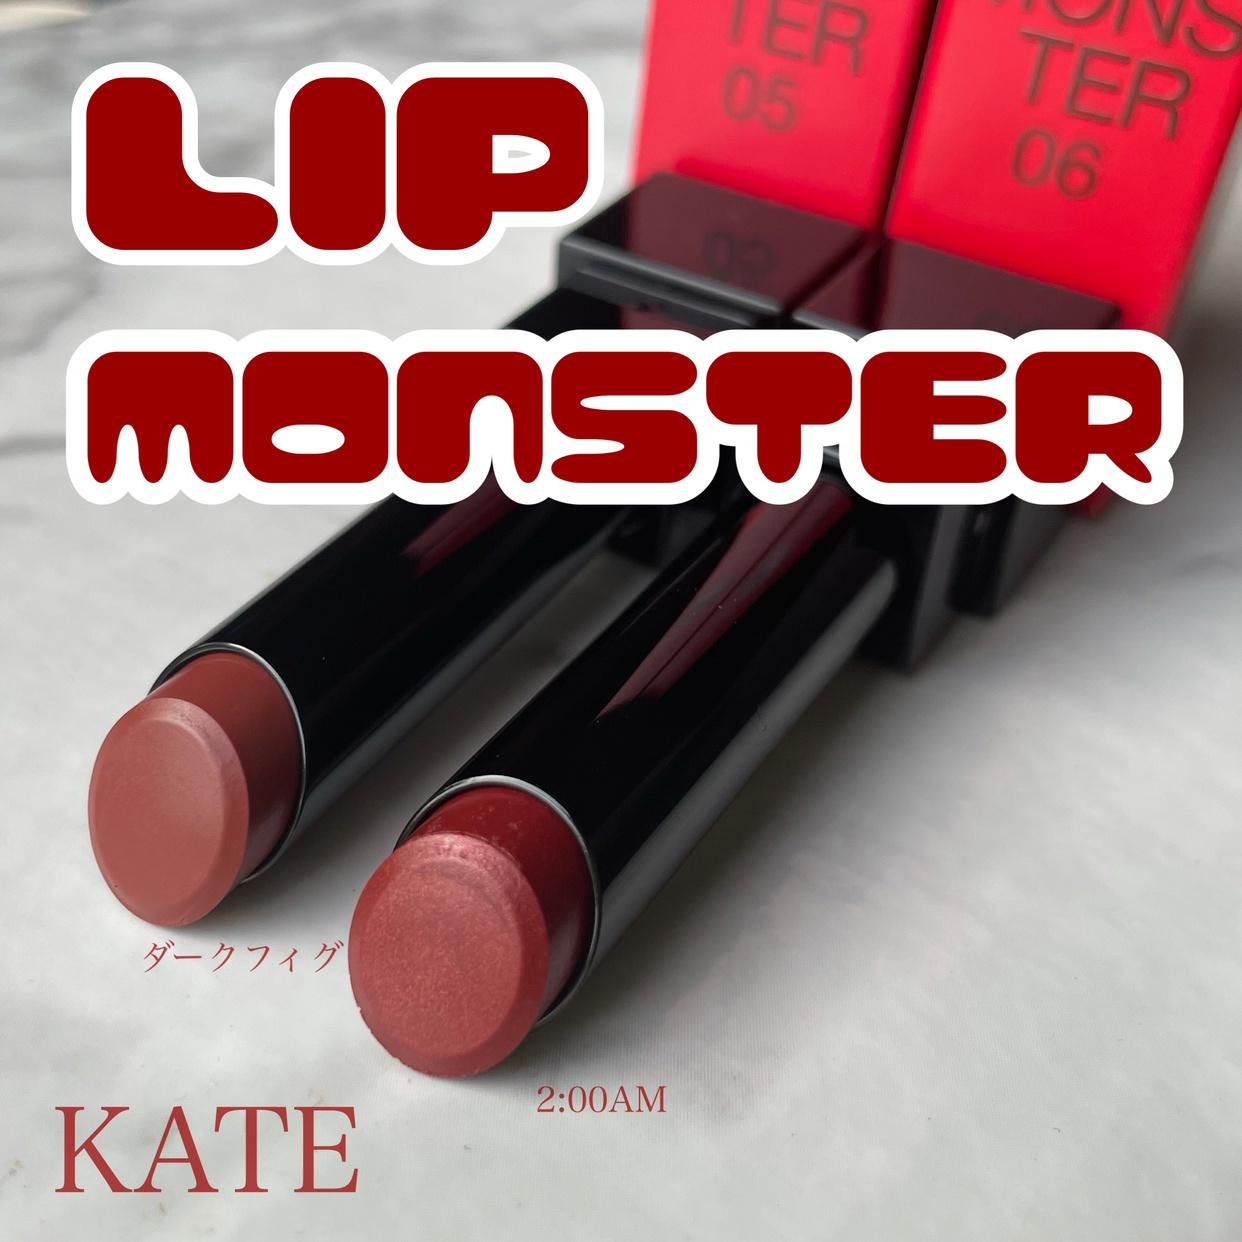 KATE(ケイト) リップモンスターを使ったあひるさんのクチコミ画像